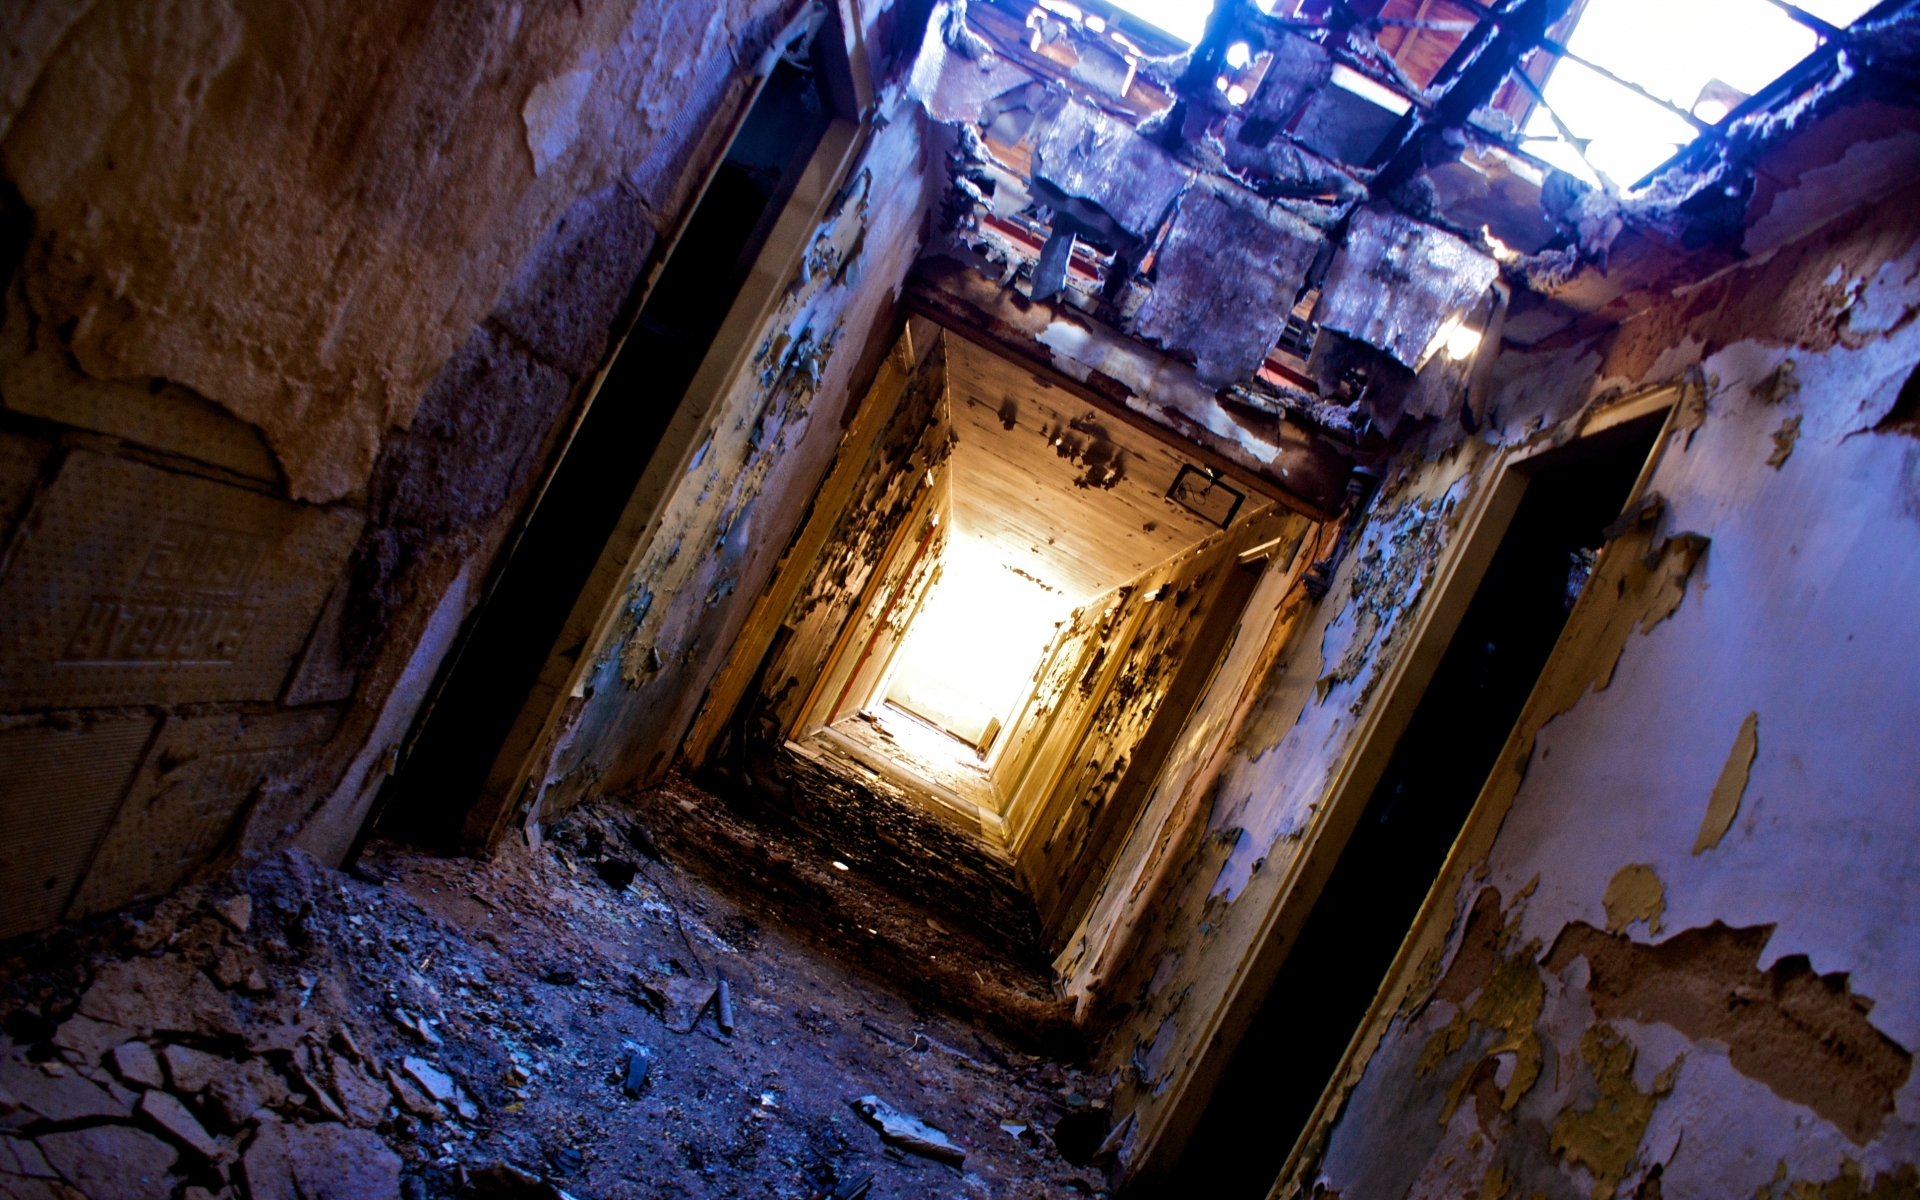 заброшенный дом двери окна коридор  № 2195424 загрузить